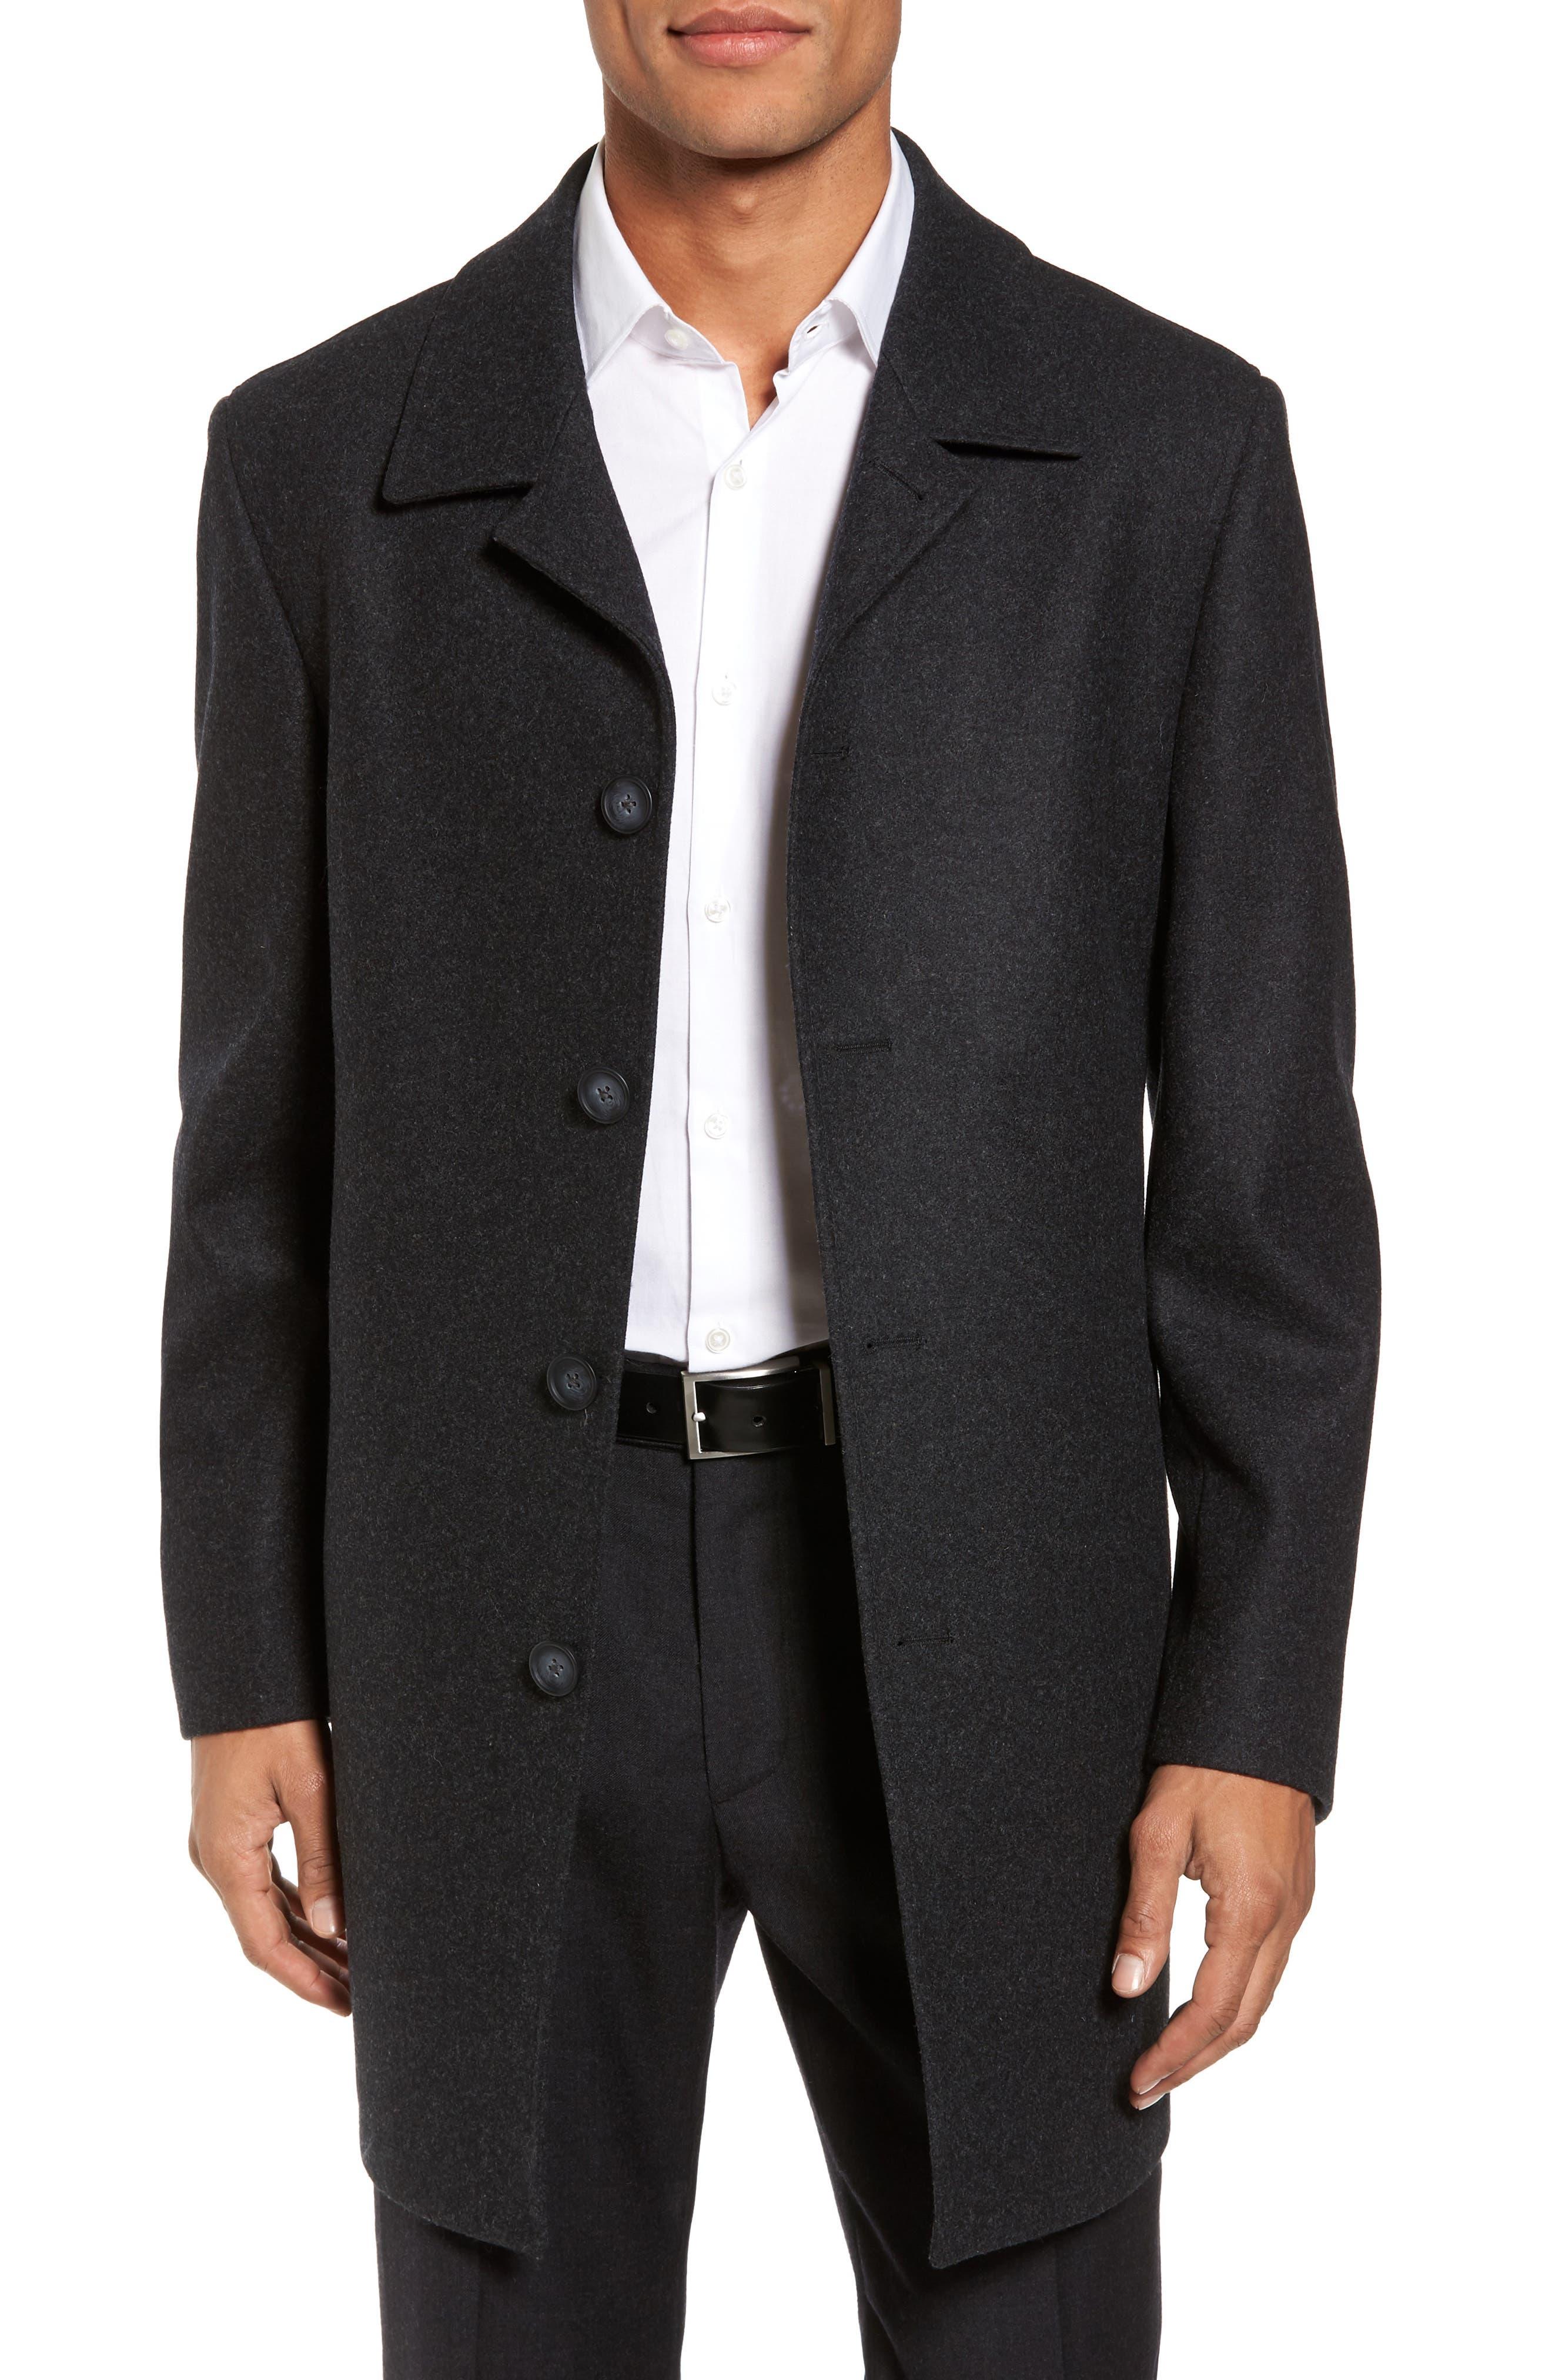 Black Top Coats, Overcoats & Trench Coats for Men | Nordstrom